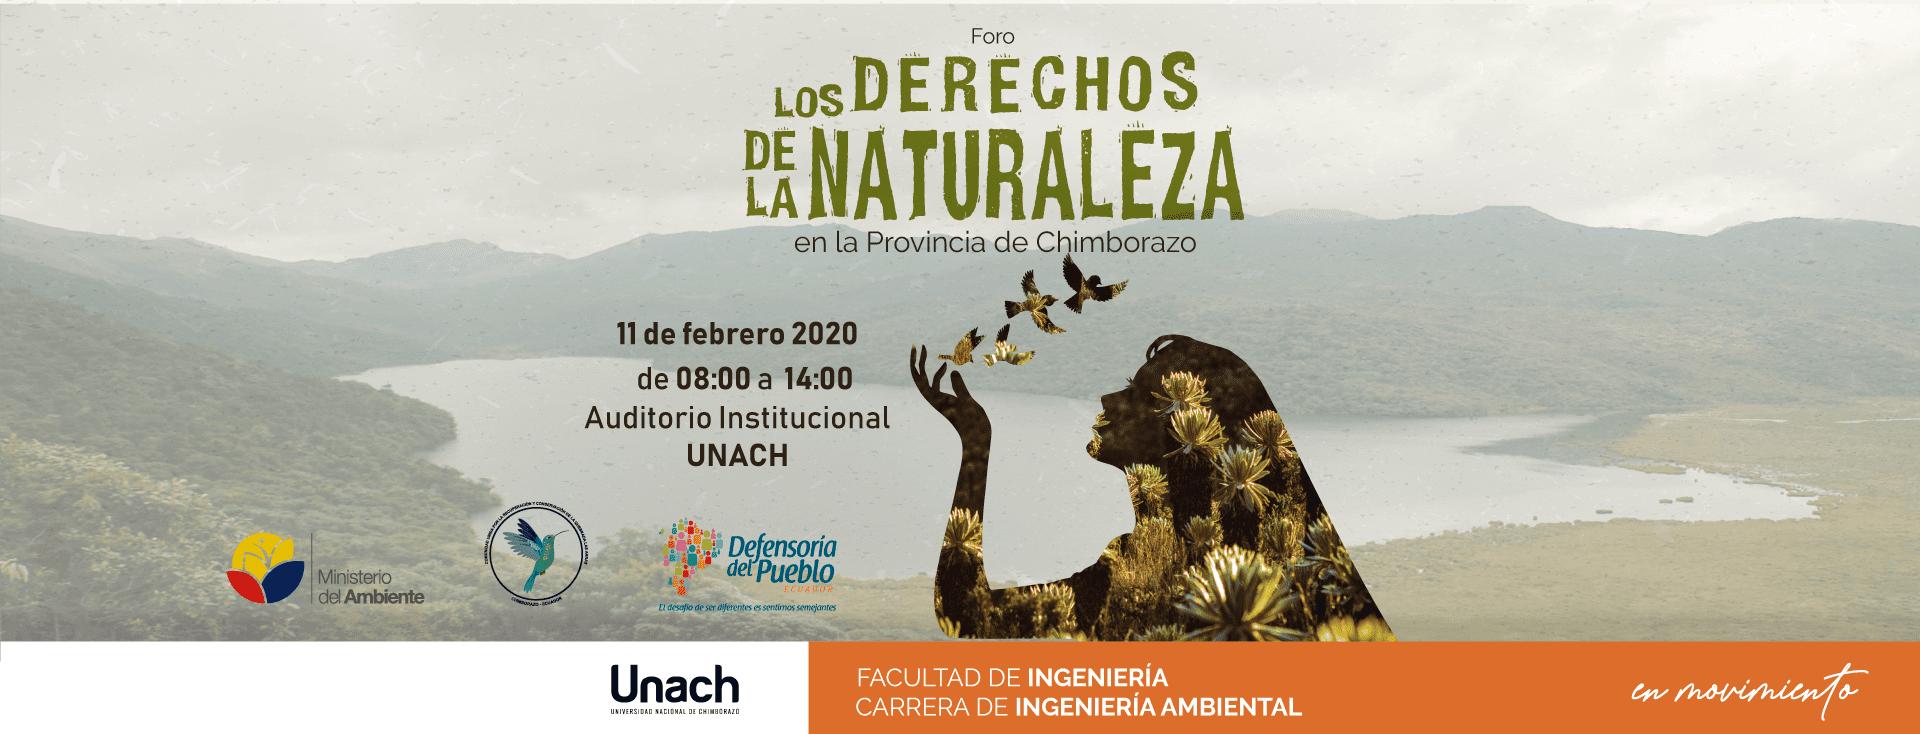 FORO LOS DERECHOS DE LA NARURALEZA EN LA PROVINCIA DE CHIMBORAZO